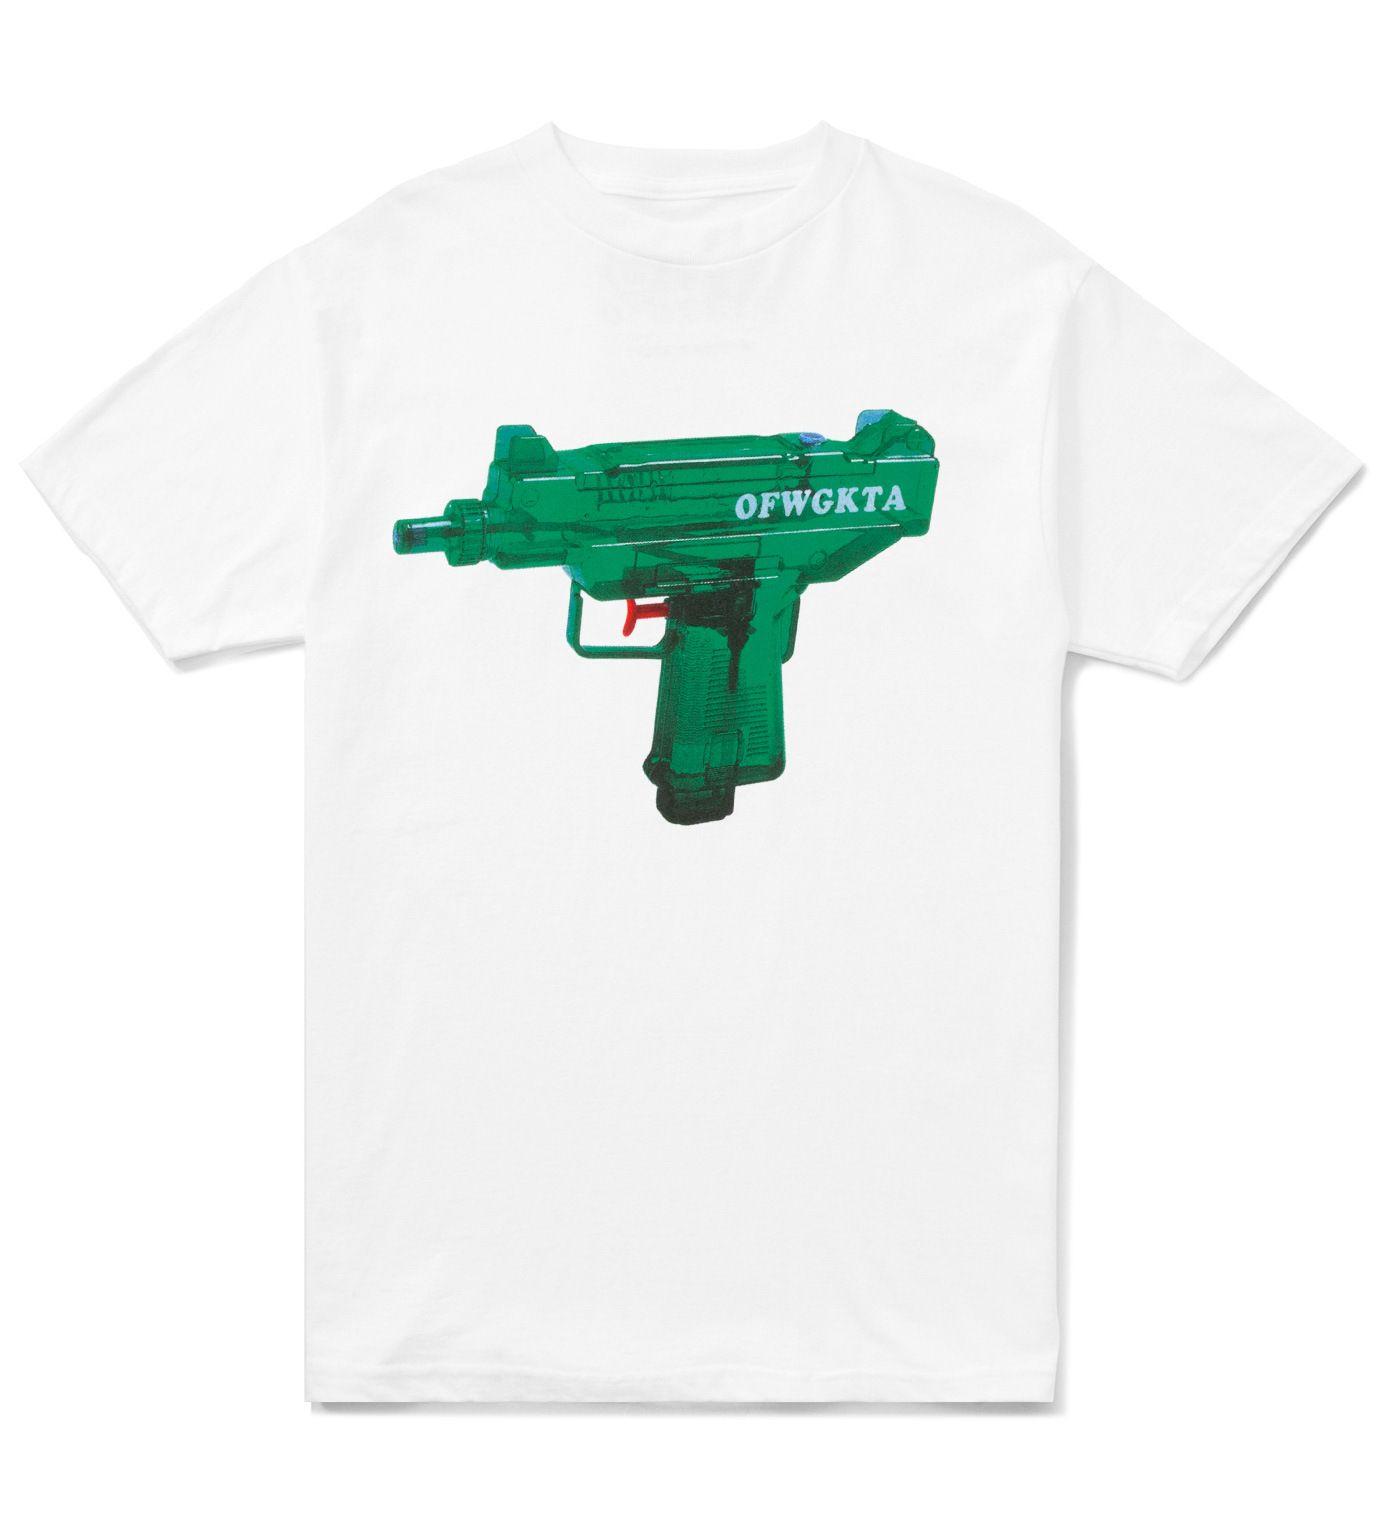 ccadc316d71 White OFWGKTA Water Gun Uzi T-Shirt